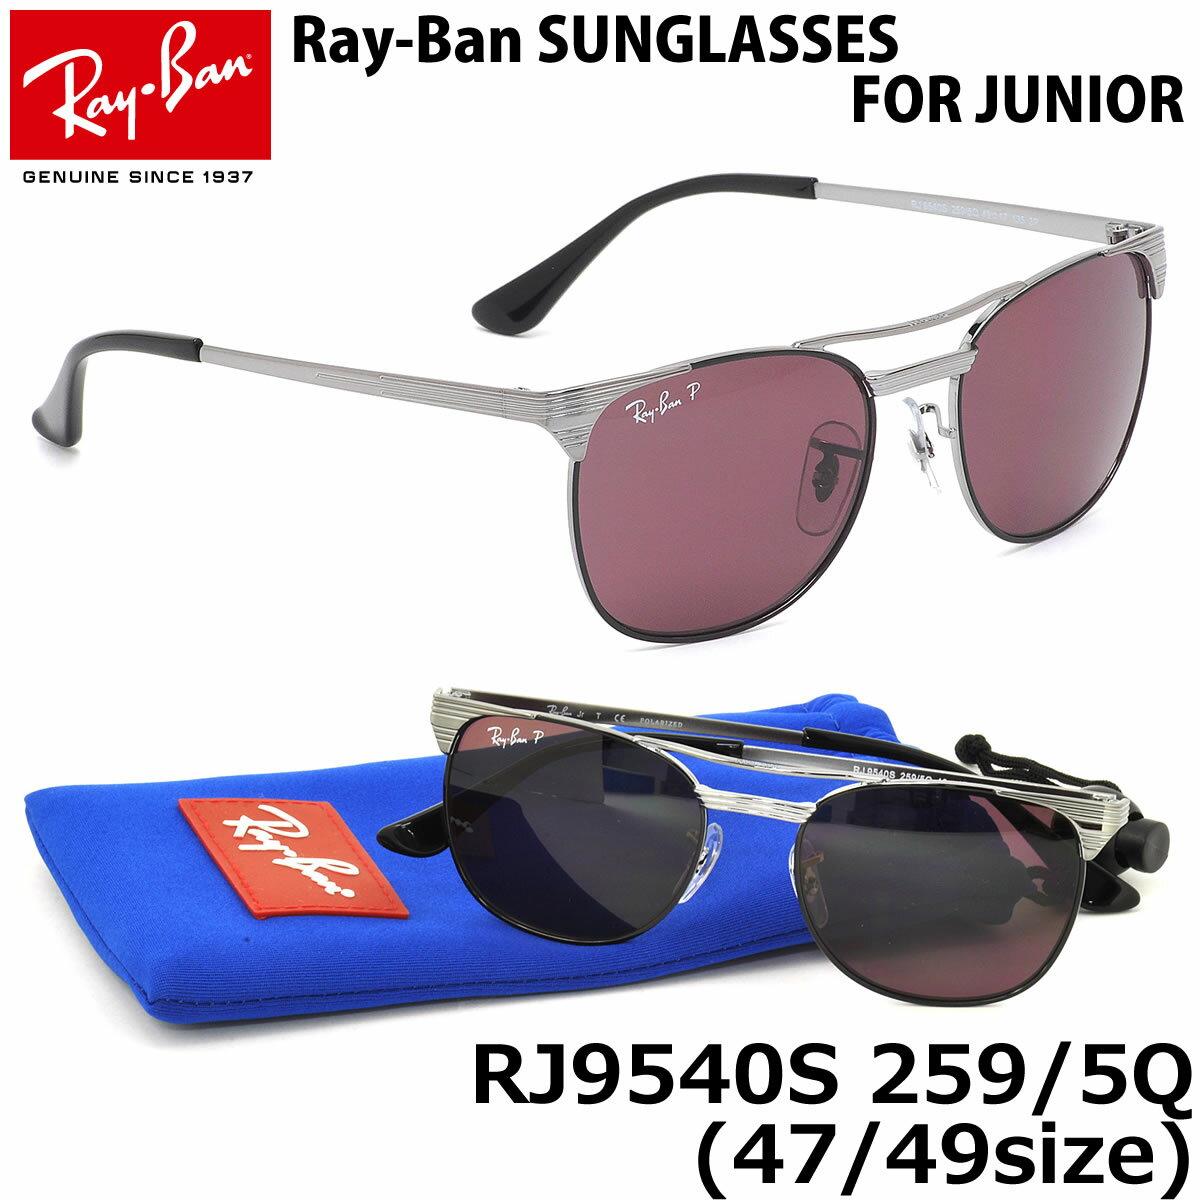 レイバン サングラス Ray-Ban RJ9540S 259/5Q 47サイズ 49サイズ ジュニア シグネット SIGNET Junior 偏光レンズ キッズ 子供用 スクエア ツーブリッジ レイバン RAYBAN 子供用 キッズ用